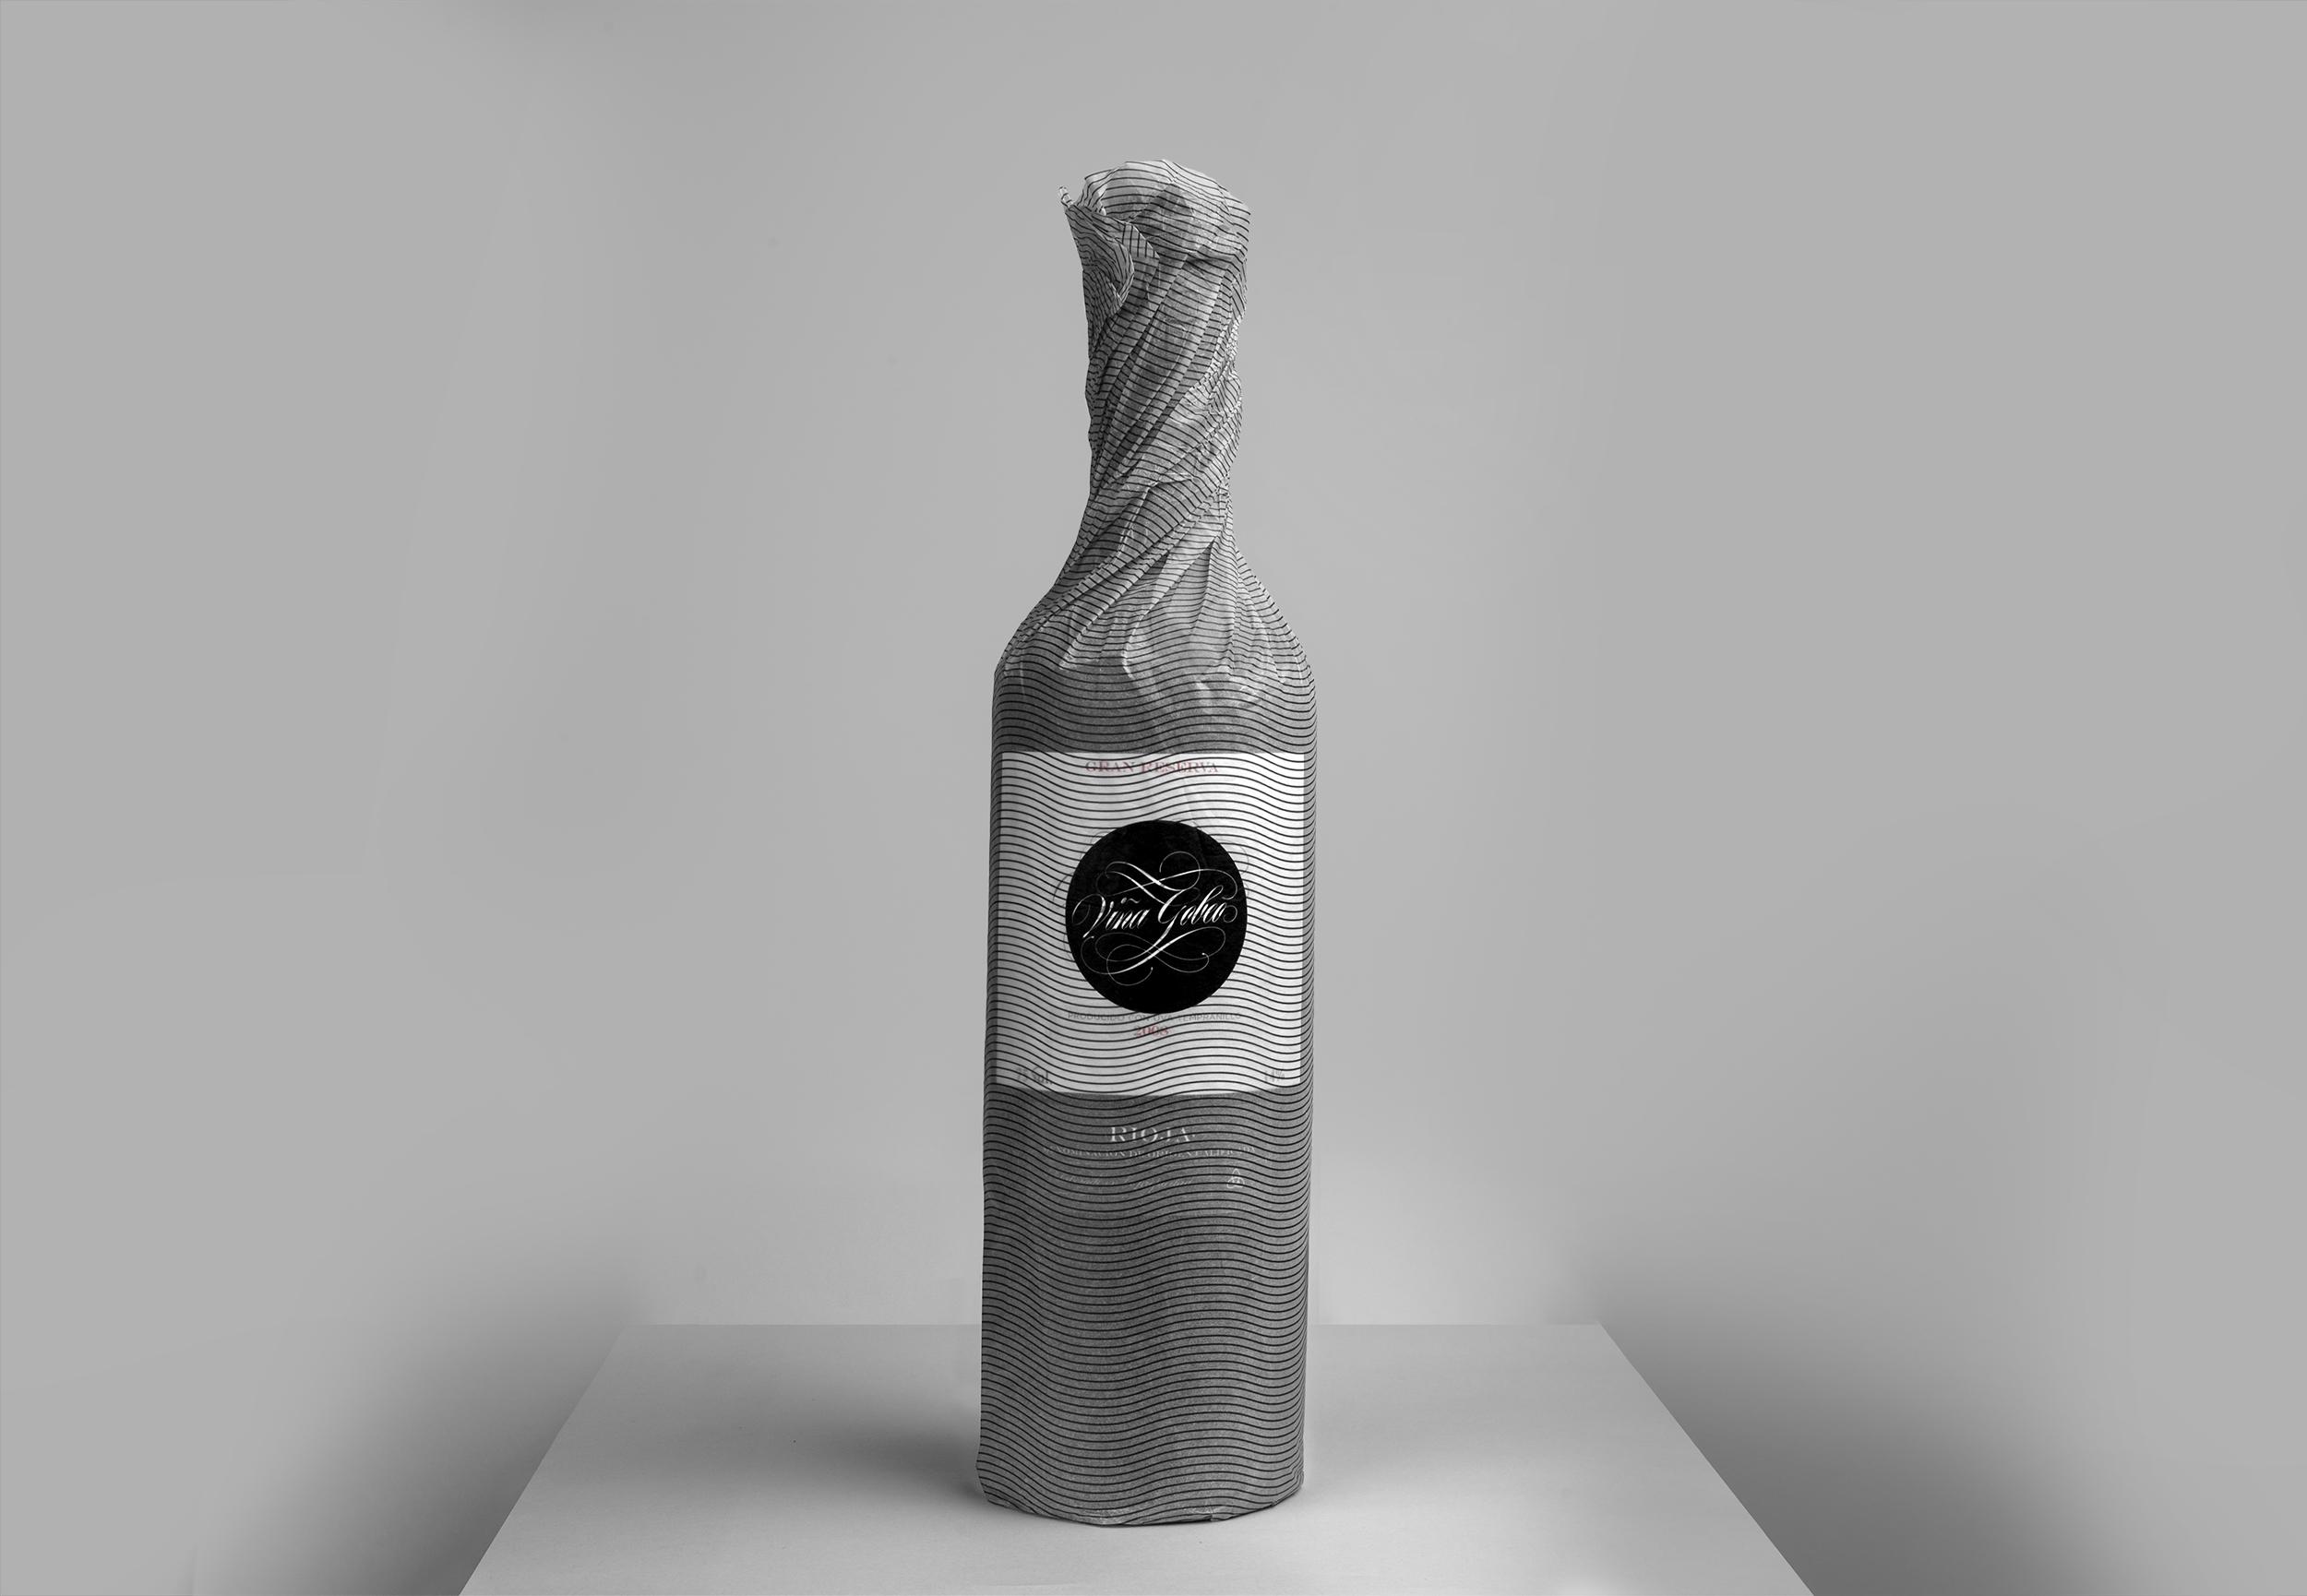 Diseño de etiqueta de vino y fotografía del Vino Gran Reserva Viña Gobeo con papel seda